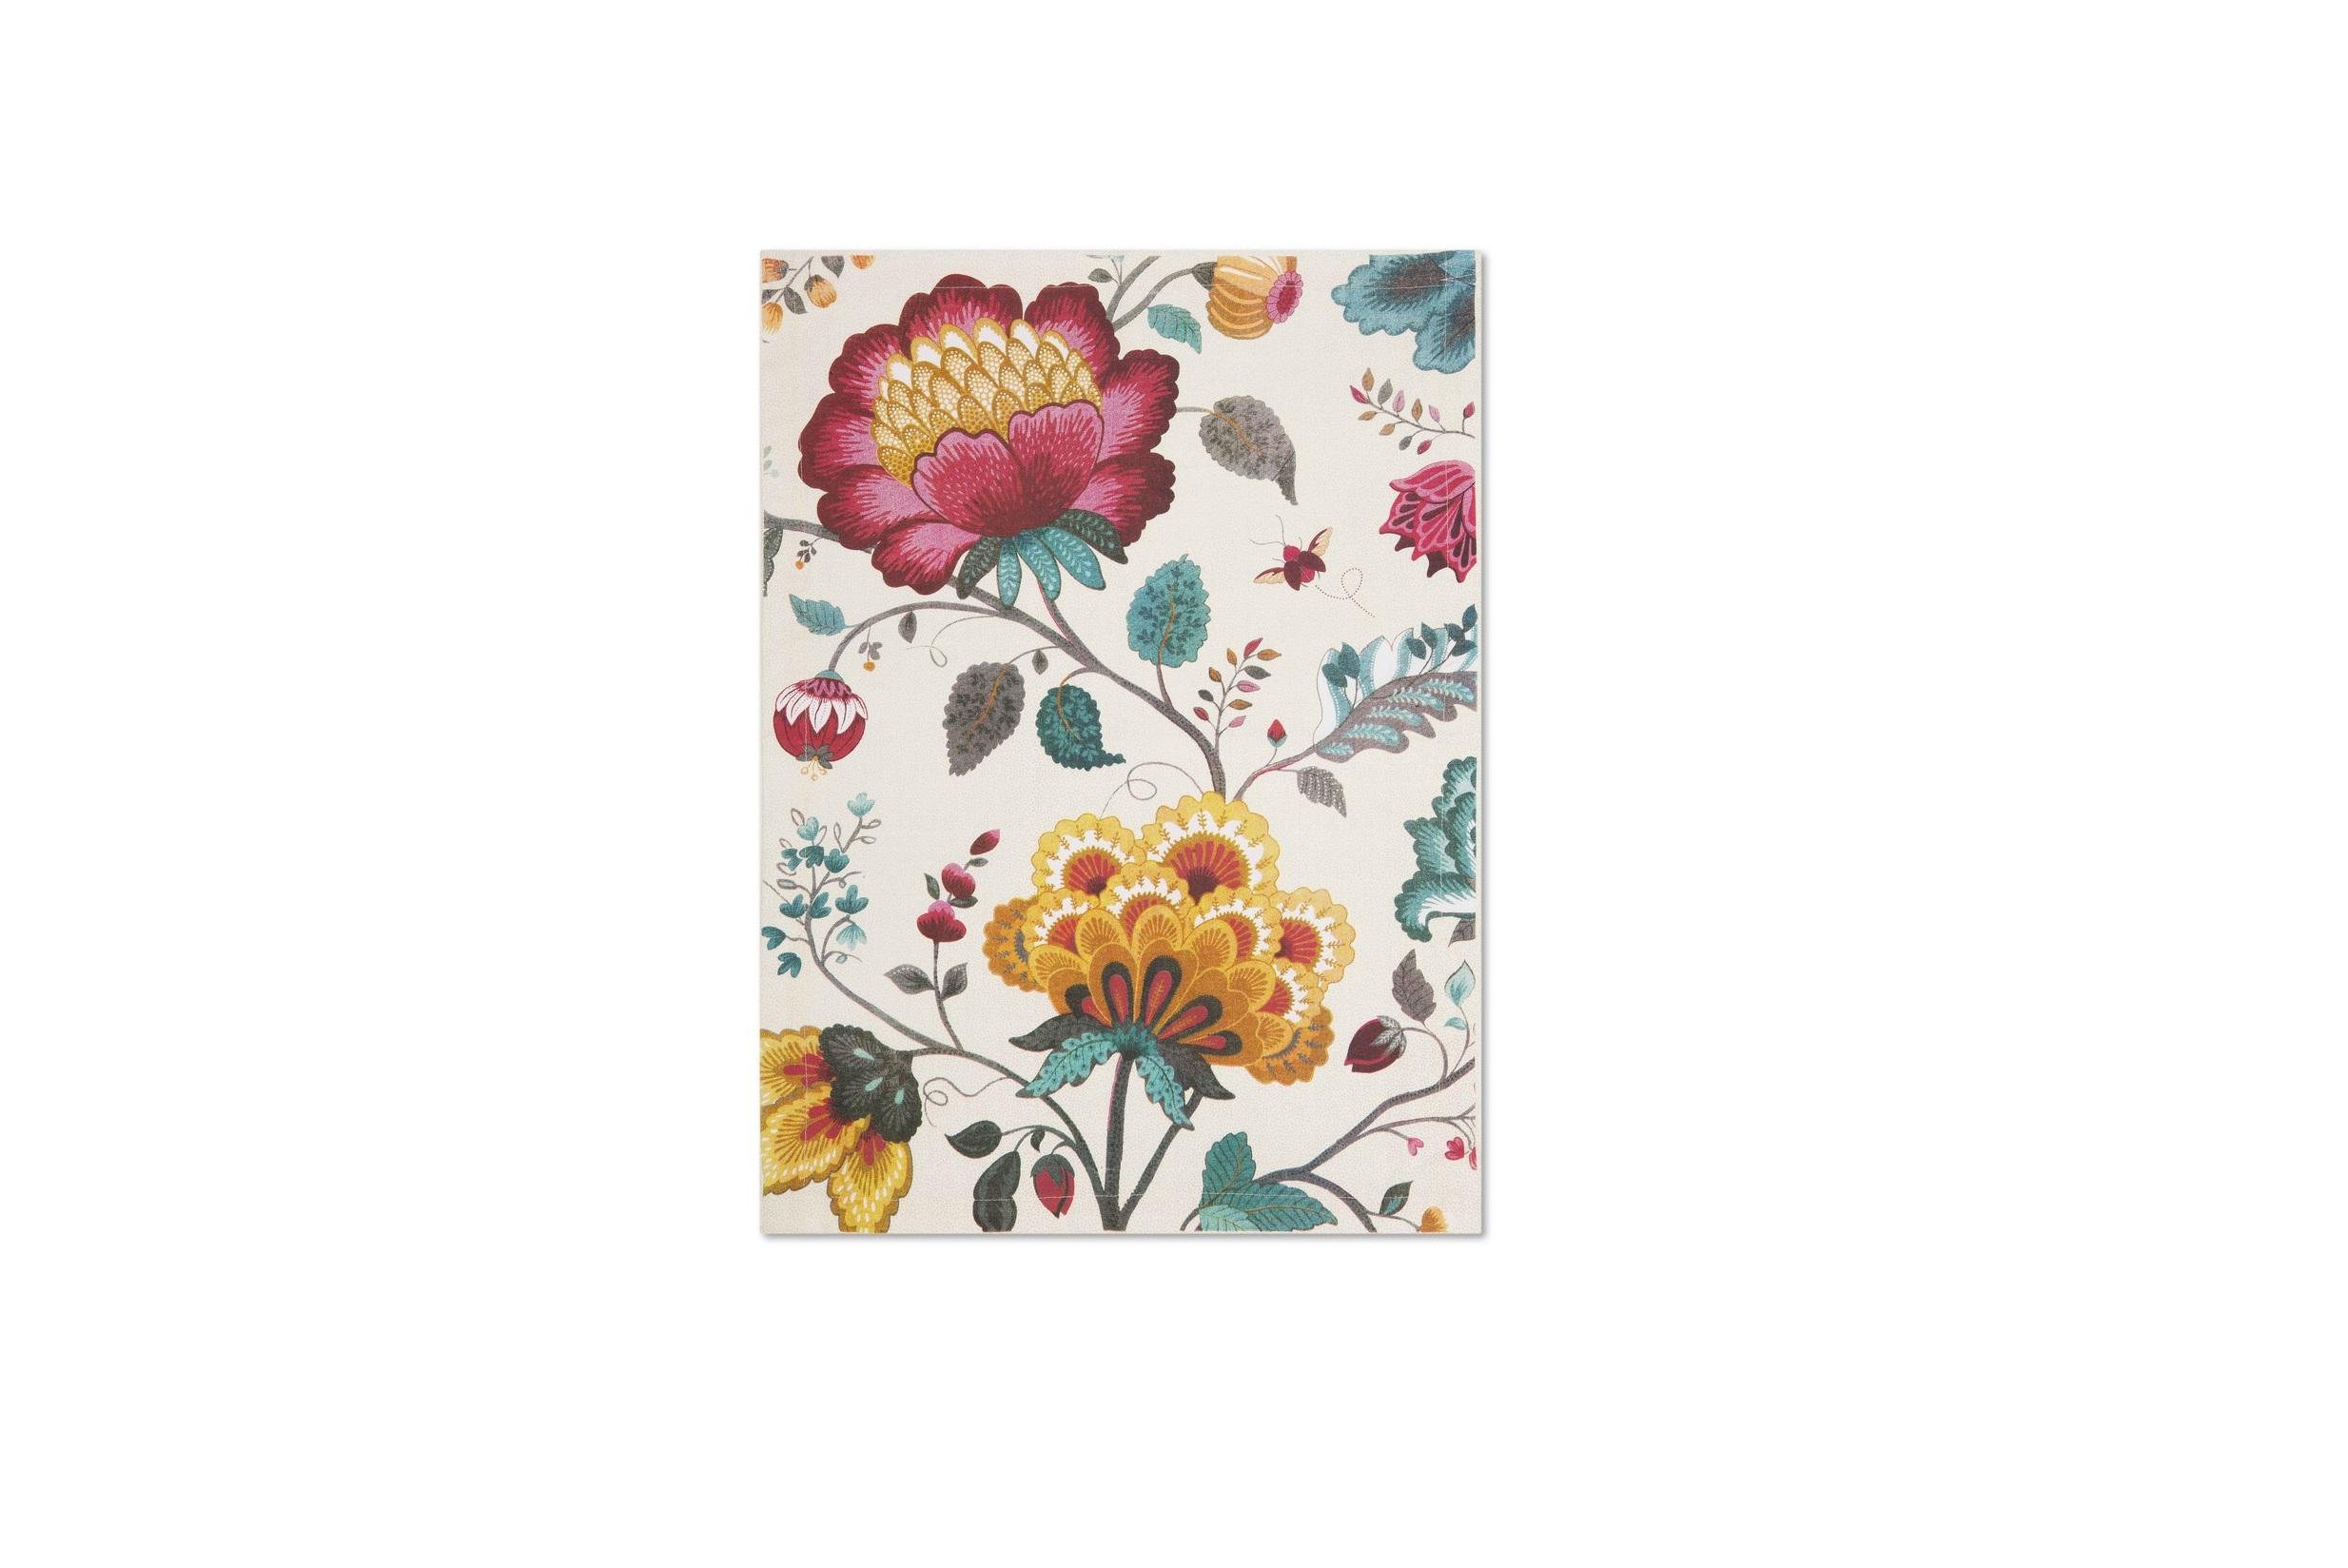 Набор полотенец Floral (2шт)Комплекты полотенец<br>Коллекция Floral появилась в 2008 г. и состоит из нескольких дизайнов, которые прекрасно сочетаются между собой и отлично дополняют друг друга. Особенность коллекции - в декорировании цветами, птицами и позолотой на всех предметах. Коллекция состоит из трёх цветовых групп - розовой, хаки и голубой, которые можно бесконечно комбинировать между собой. Коллекция также включает в себя кухонный текстиль и стекло.<br><br>Material: Хлопок<br>Ширина см: 70<br>Глубина см: 50